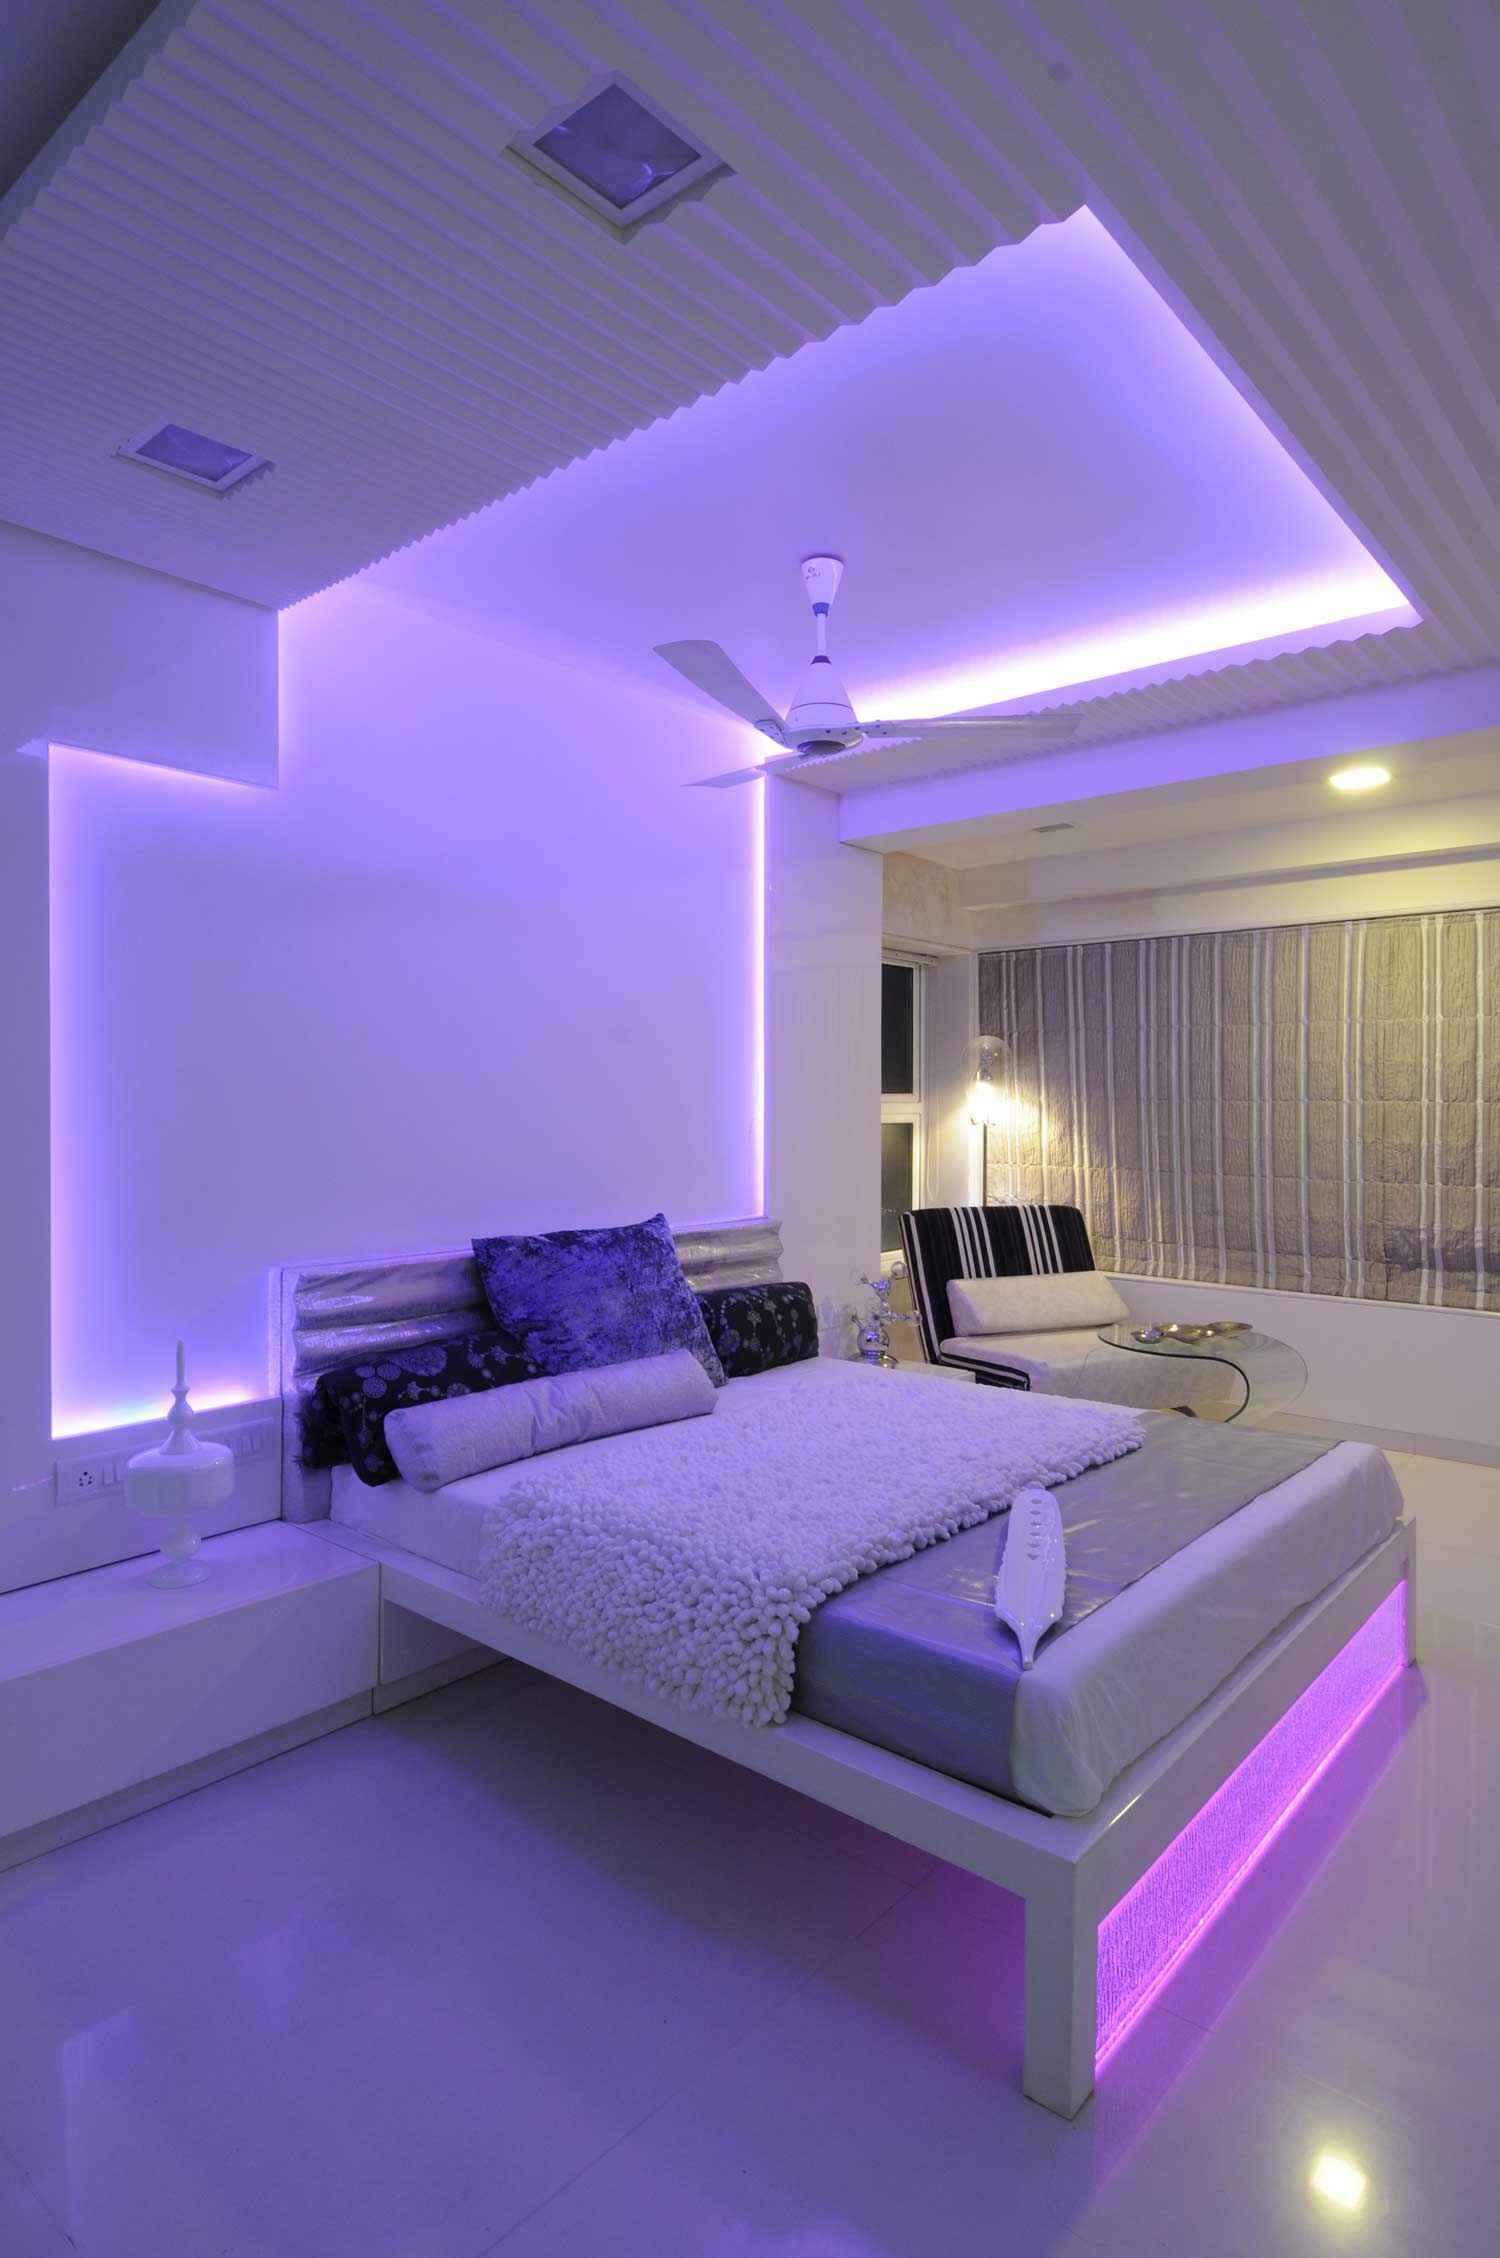 Как сделать свет в комнате ярким